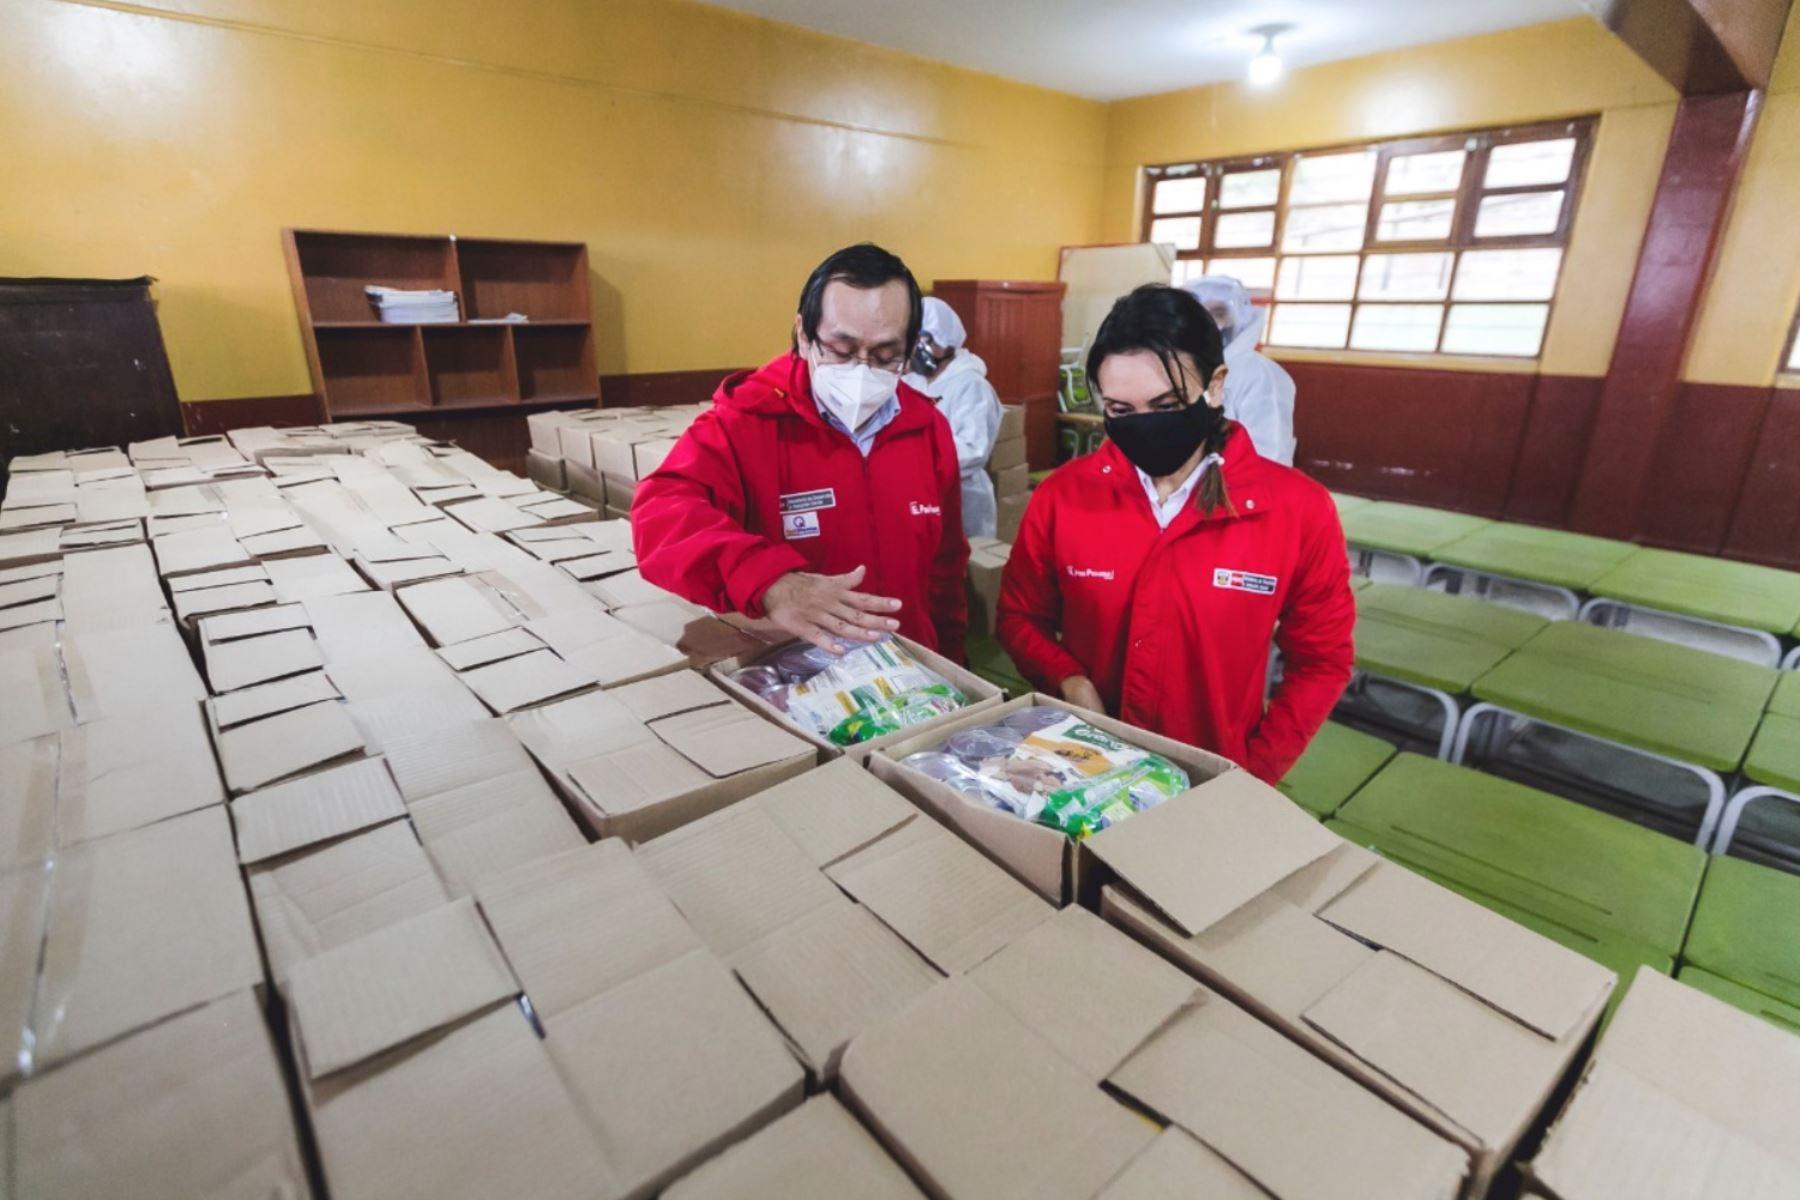 Como apoyo a la estrategia Aprendo en Casa, el programa Qali Warma ha pasado de distribuir desayunos escolares a entregar canastas de alimentos para ser preparados en los domicilios. Foto: ANDINA/difusión.